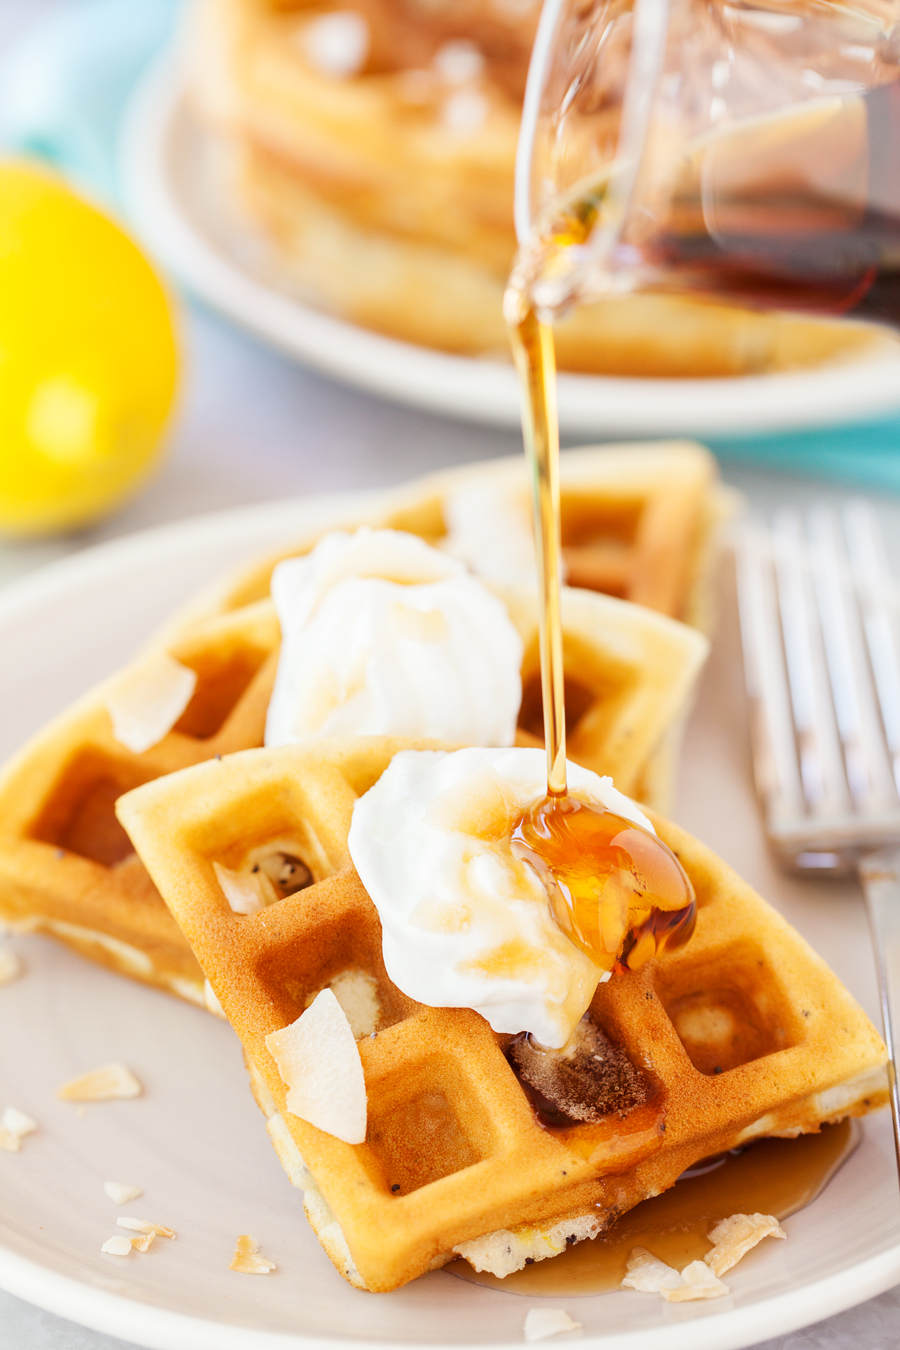 Lemon Poppyseed Waffle Recipe